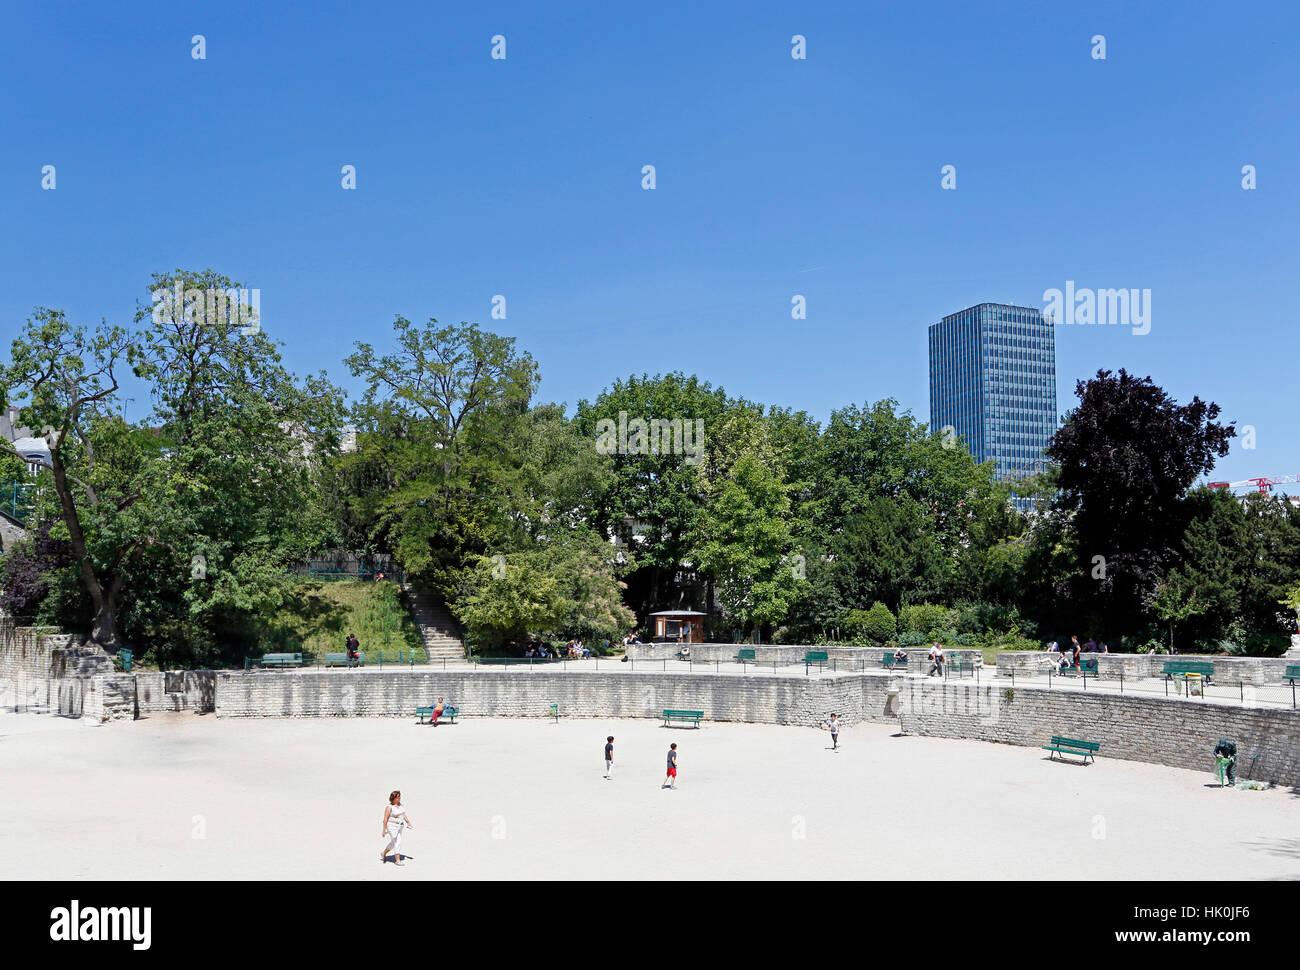 Frankreich, Paris. 5. Arrondissement. Arene de Lutece. Pierre und Marie Curie (Jussieu) Universität im Hintergrund. Stockbild